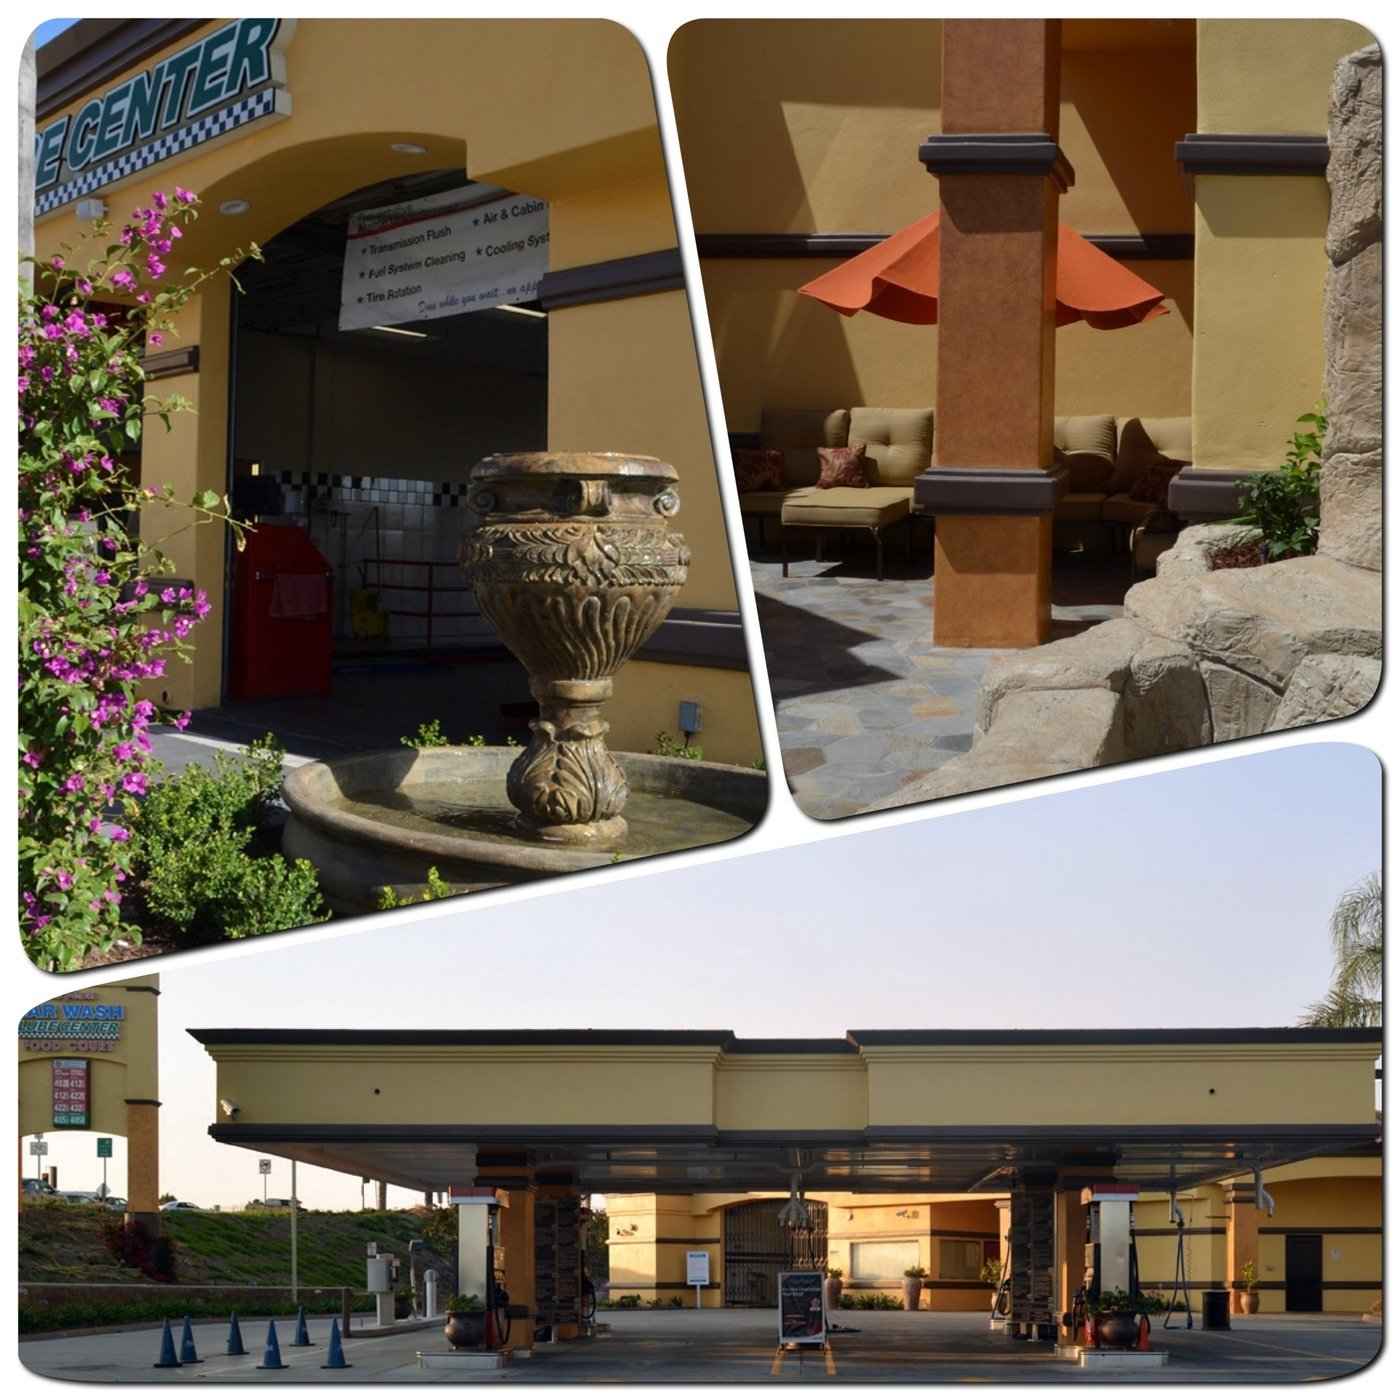 Camarillo Gas Station Car Wash Restrooms By Erika Winters  # Muebles Camarillo